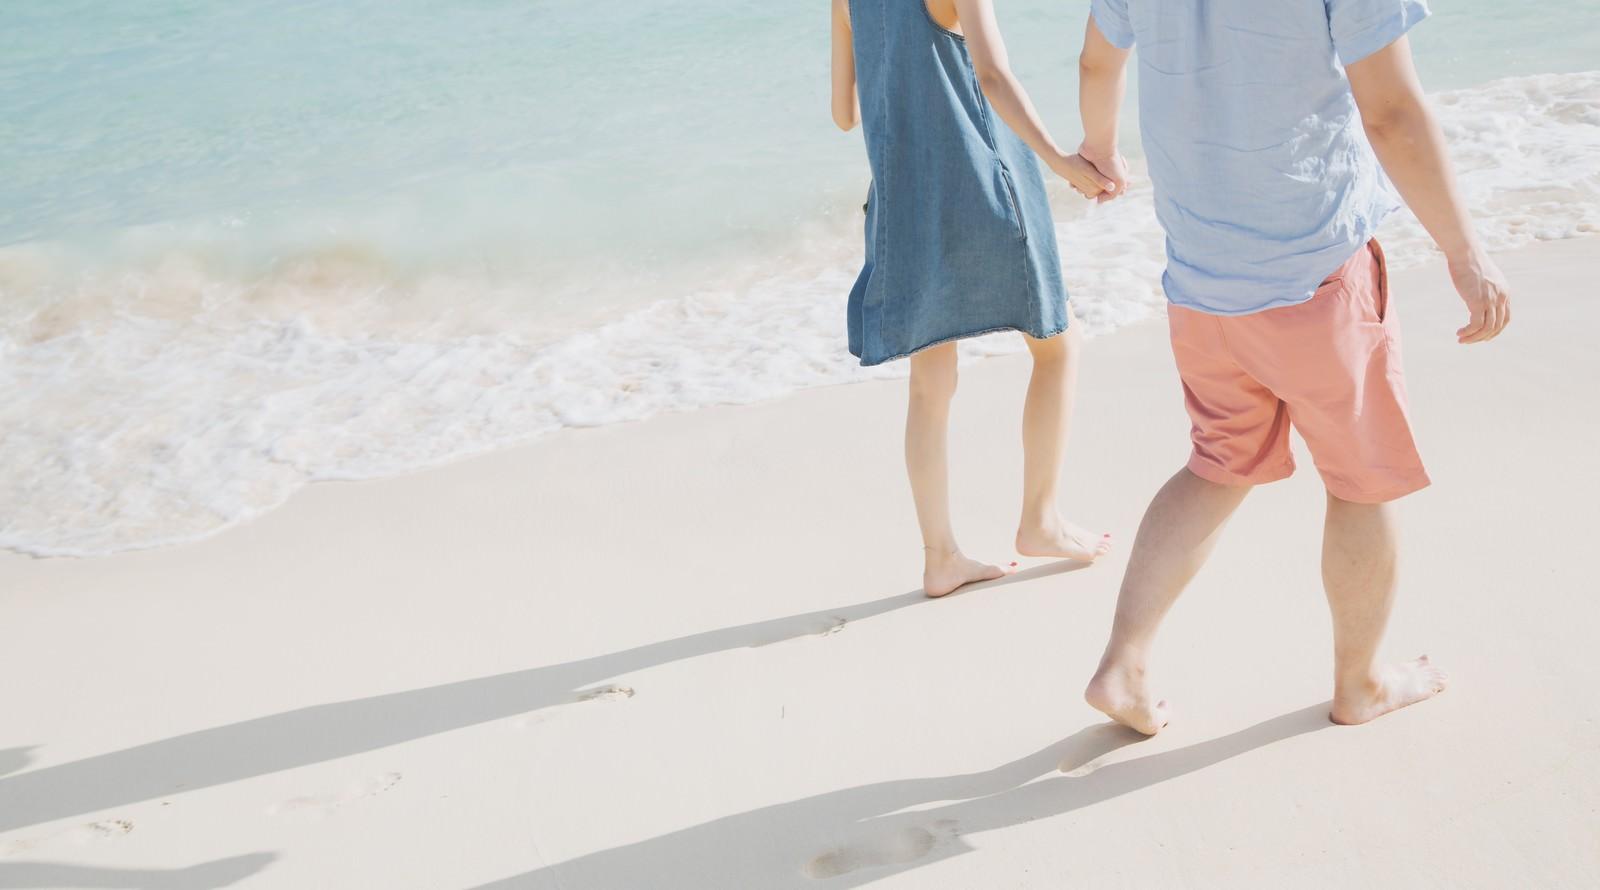 「波打ち際を歩く恋人と足あと」の写真